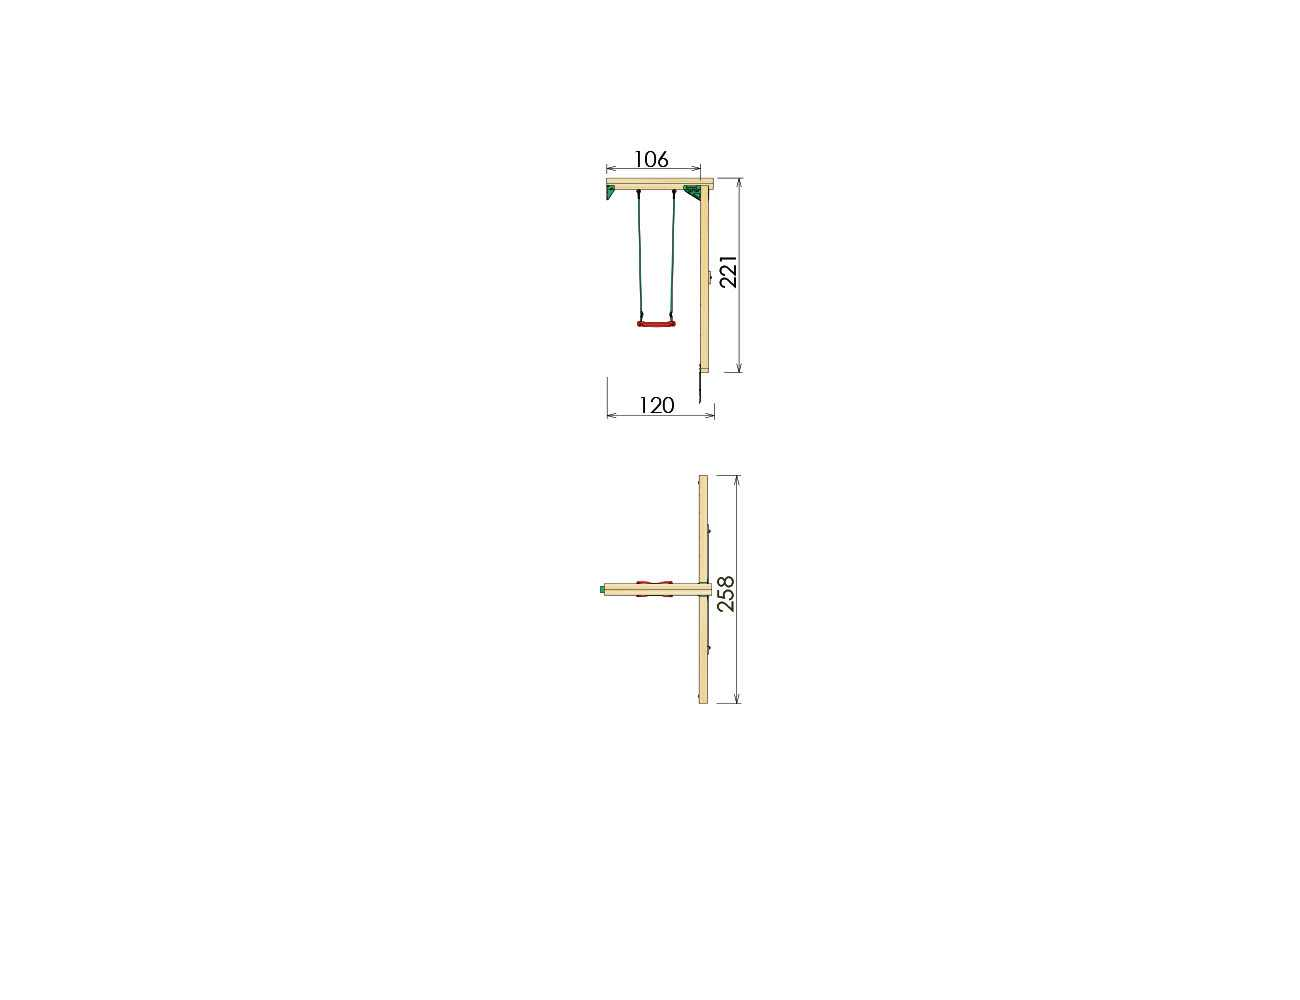 kids-swing-frame-1-swing-module-dimensions